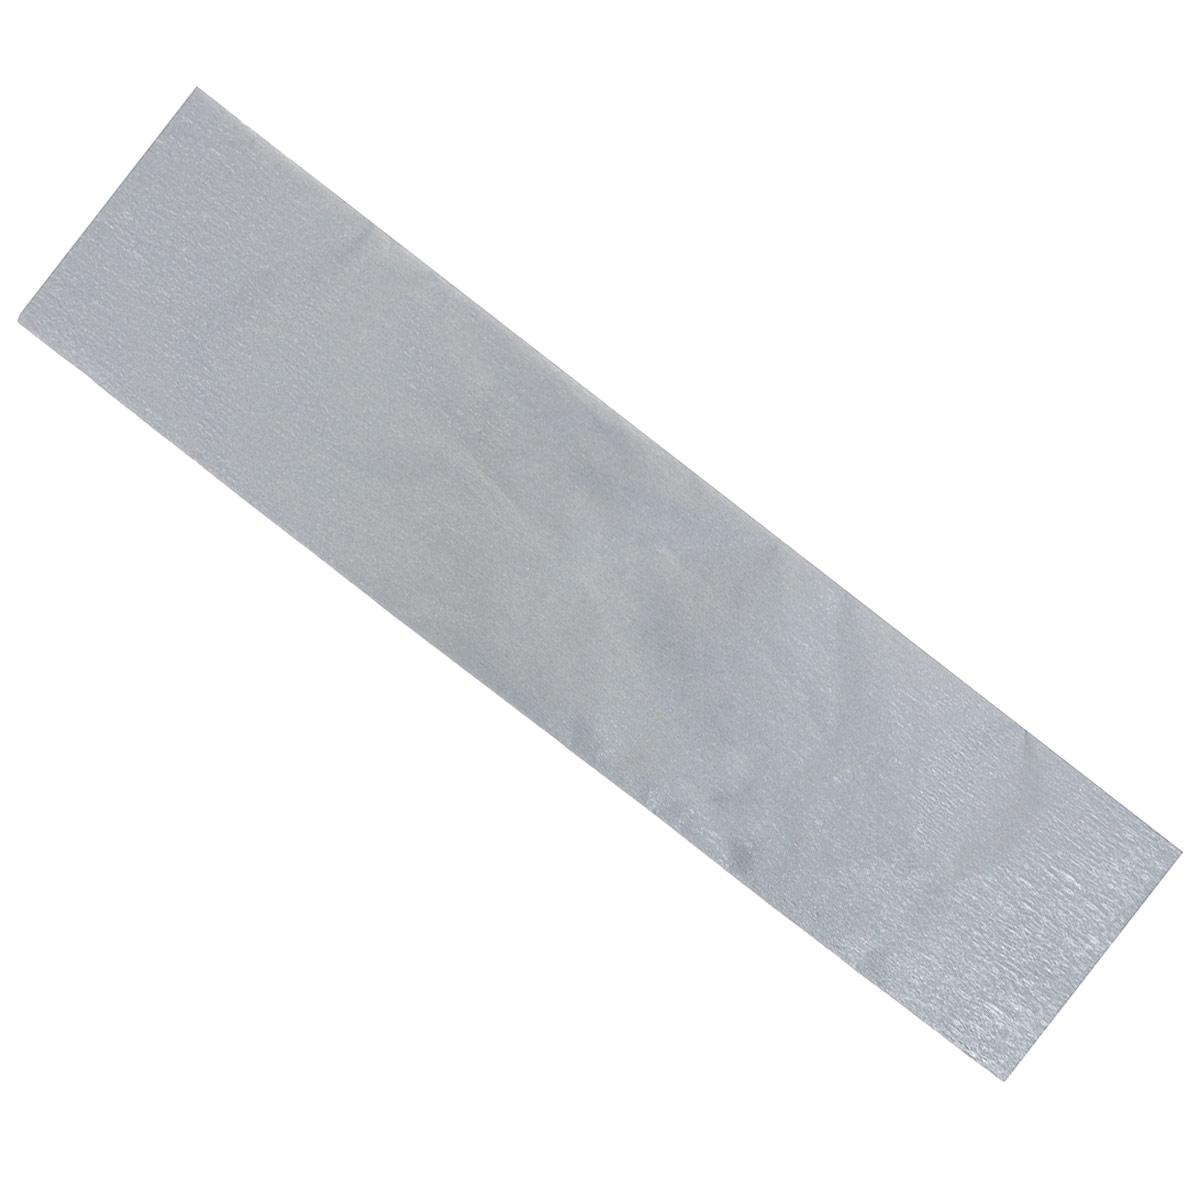 Крепированная бумага Hatber, металлизированная, цвет: серебристый, 5 см х 25 см72523WDЦветная металлизированная бумага Hatber - отличный вариант для развития творчества вашего ребенка. Бумага с фактурным покрытием очень гибкая и мягкая, из нее можно создавать чудесные аппликации, игрушки, подарки и объемные поделки. Цветная металлизированная бумага Hatber способствует развитию фантазии, цветовосприятия и мелкой моторики рук. Размер бумаги - 5 см х 25 см.